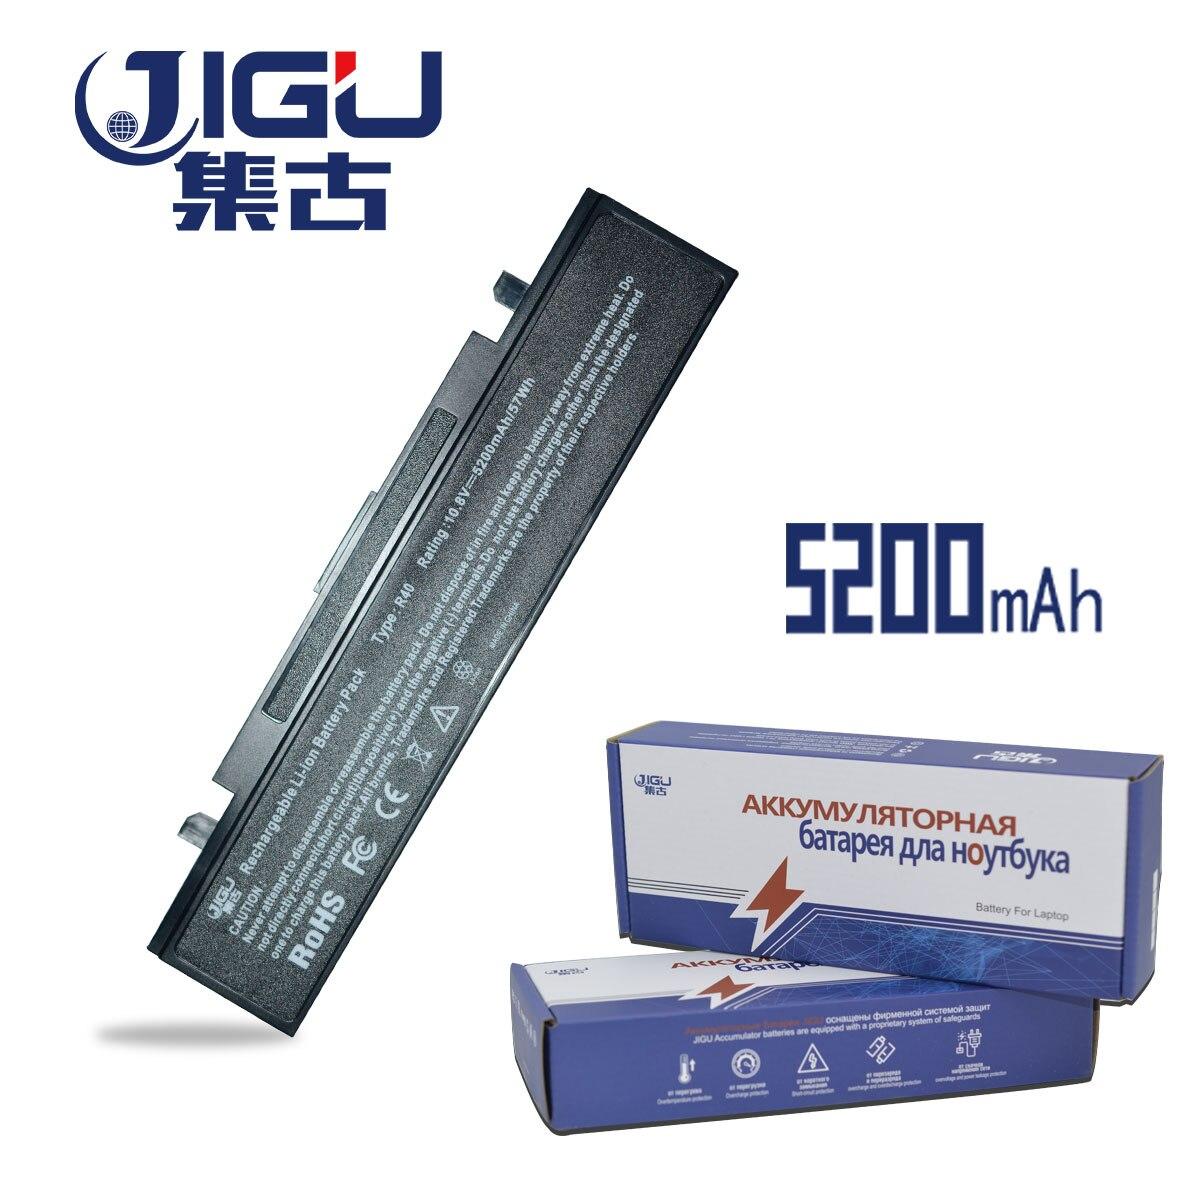 aa pb2nc6b - JIGU New  Notebook Battery FOR Samsung AA-PB2NC6B AA-PB2NC6B/E AA-PB2NC6W AA-PB4NC6B AA-PB4NC6B/E AA-PB4NC6W